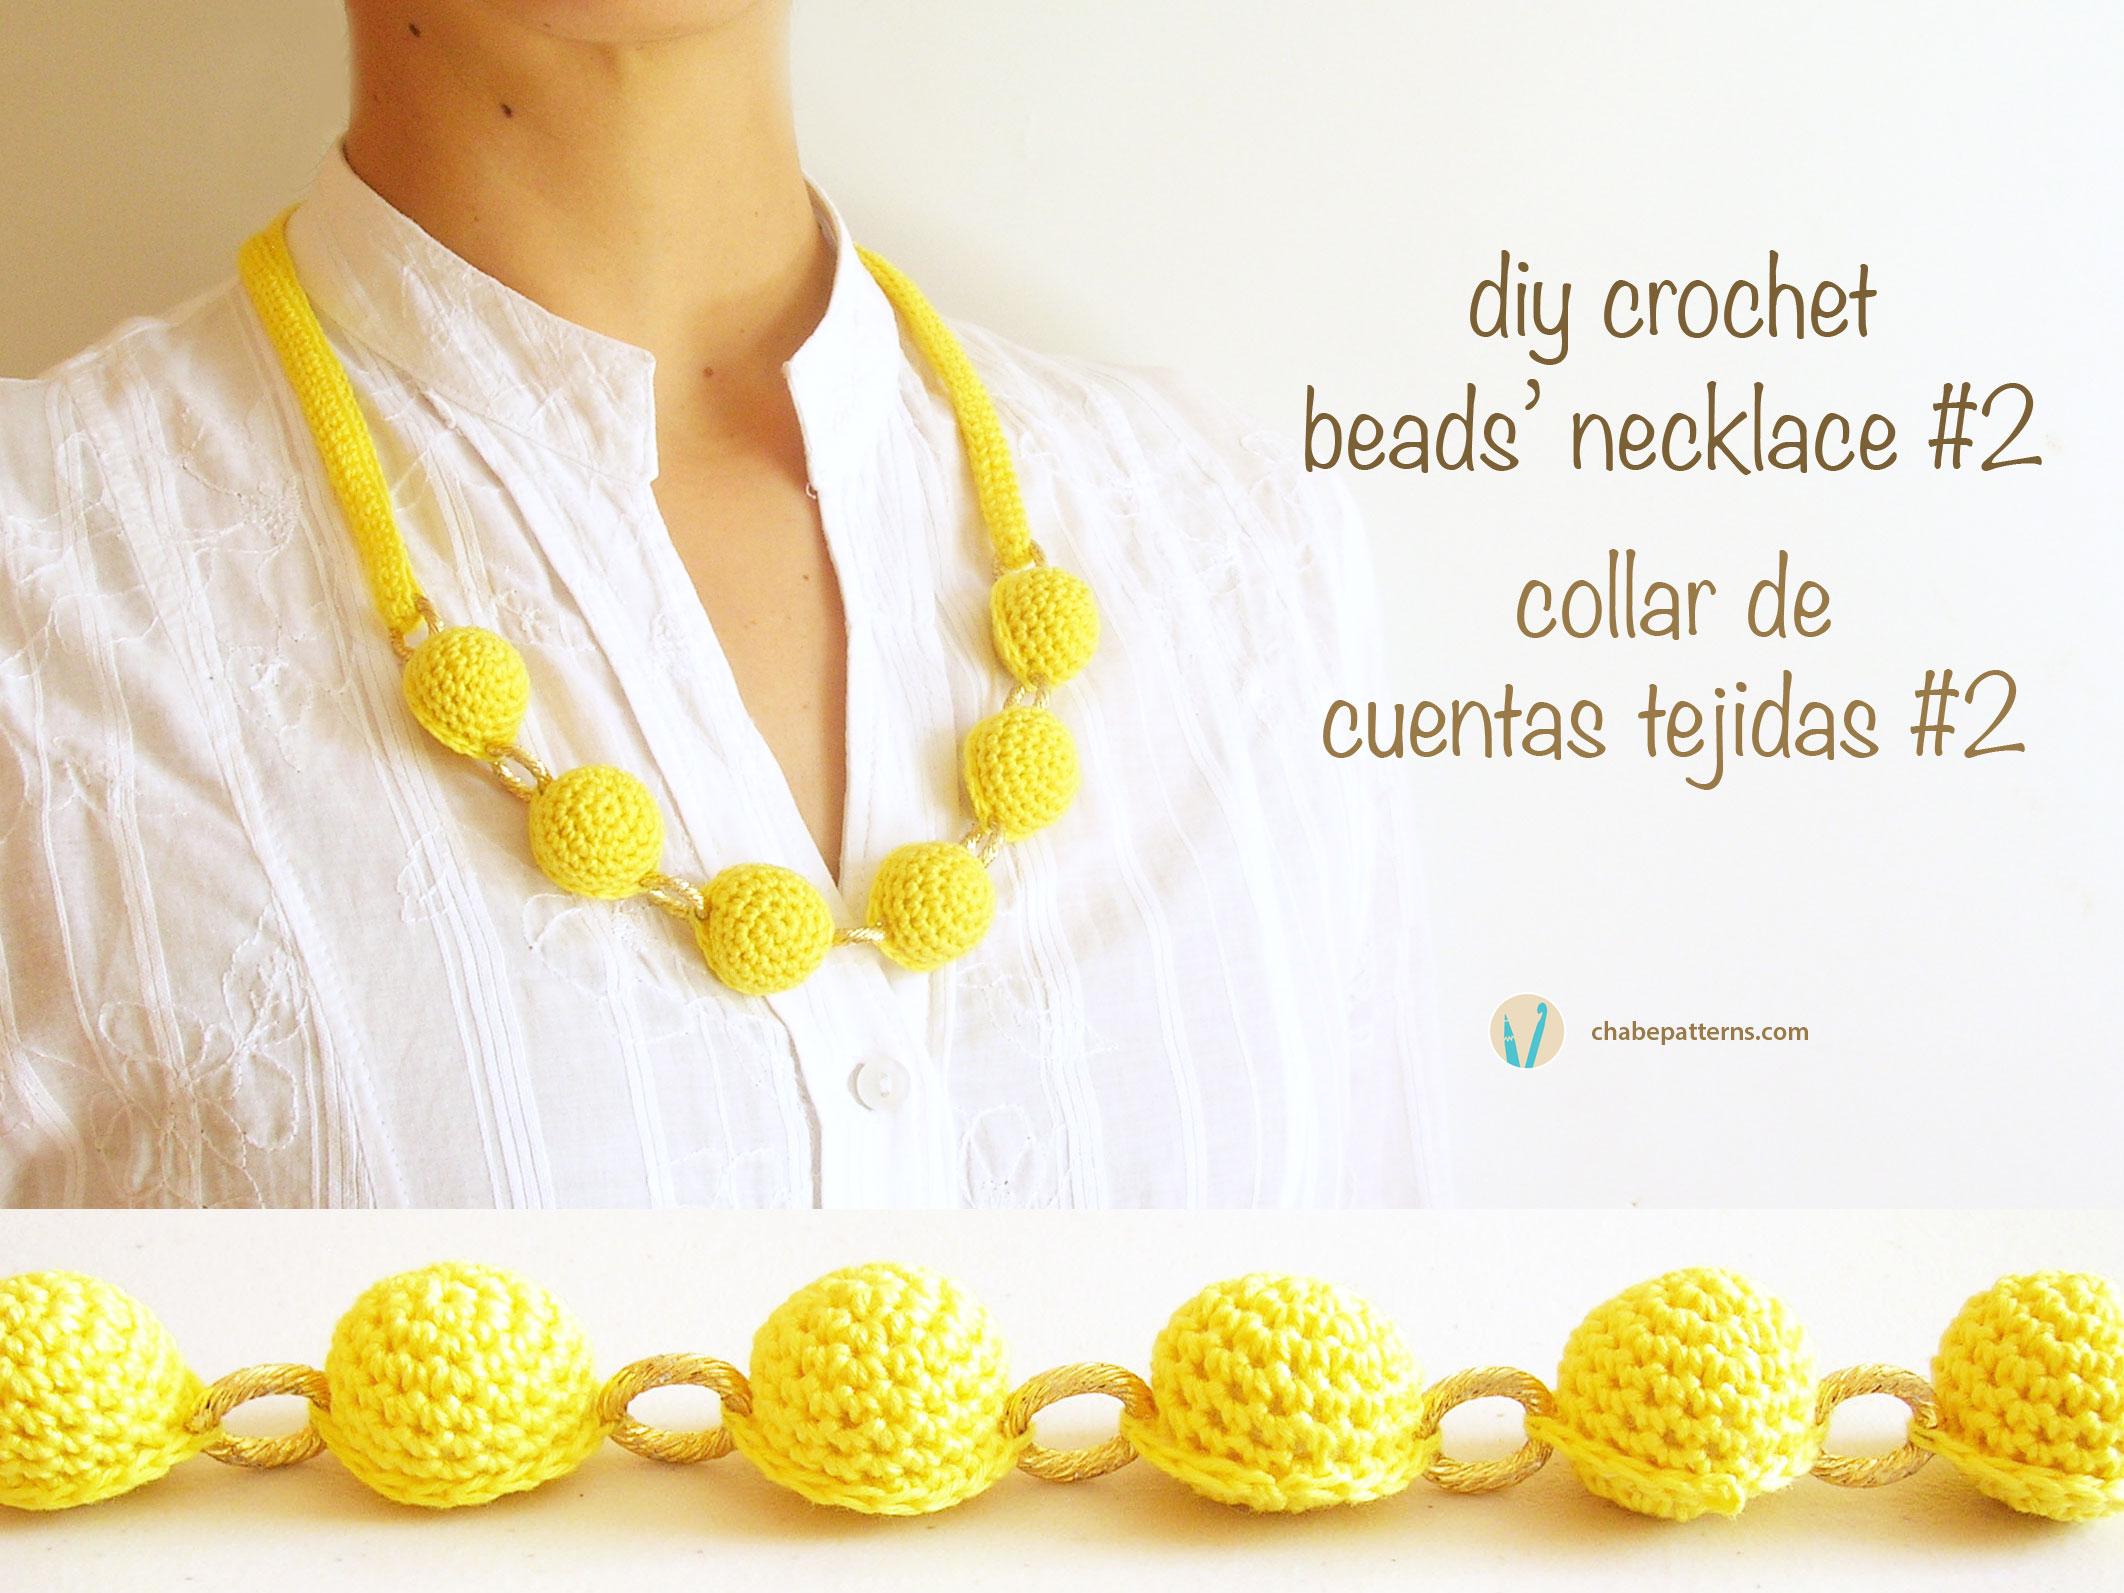 Crochet beads necklace #2/ Collar de cuentas tejidas #2